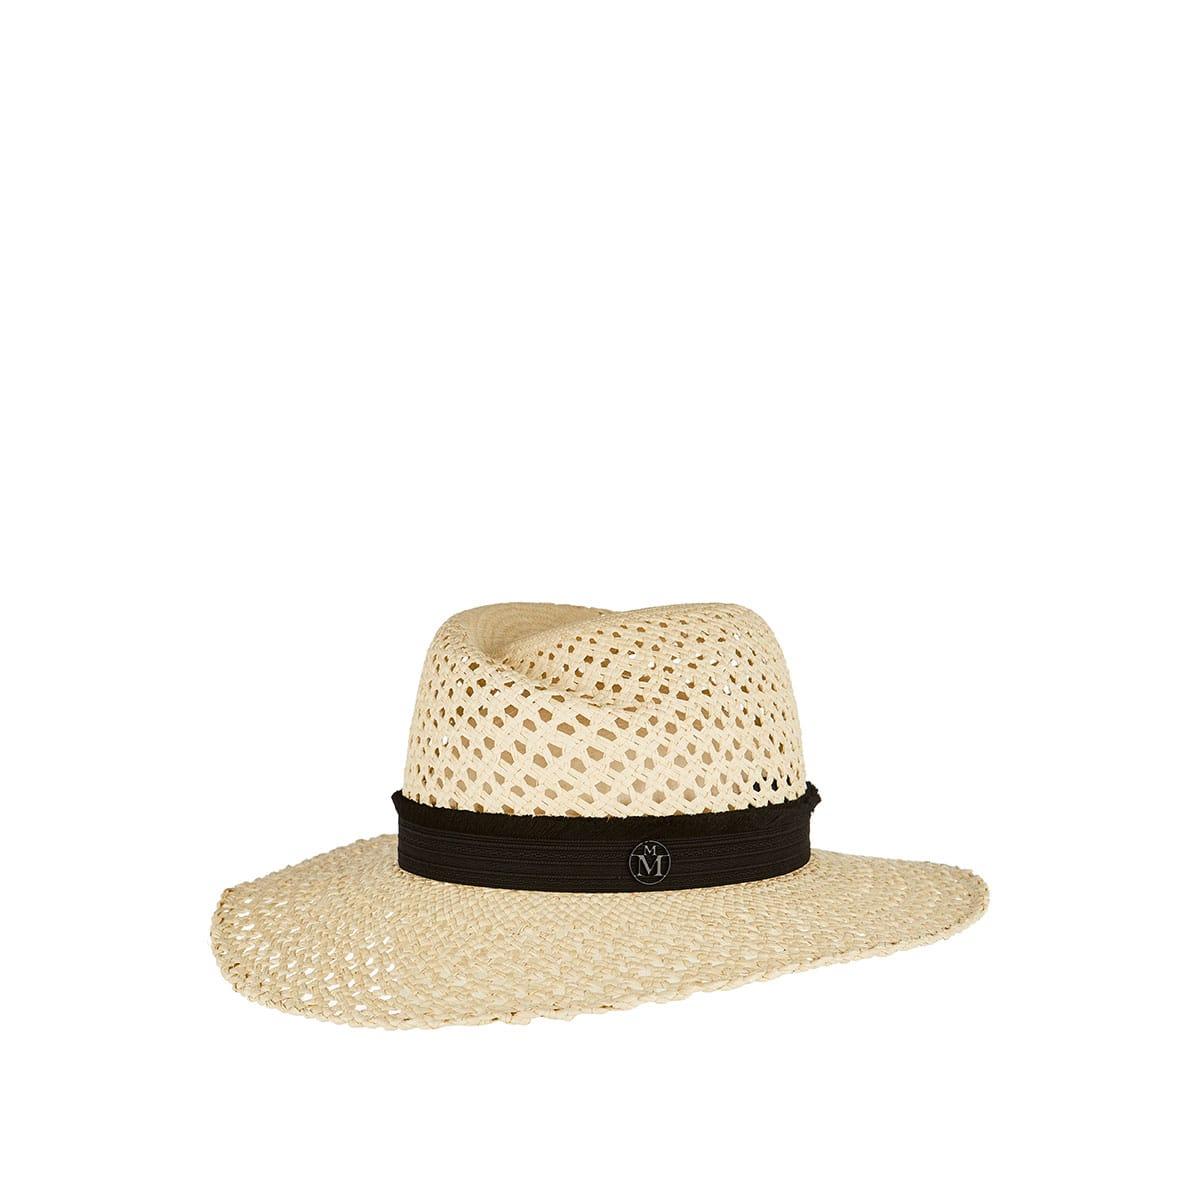 Virginie woven straw hat